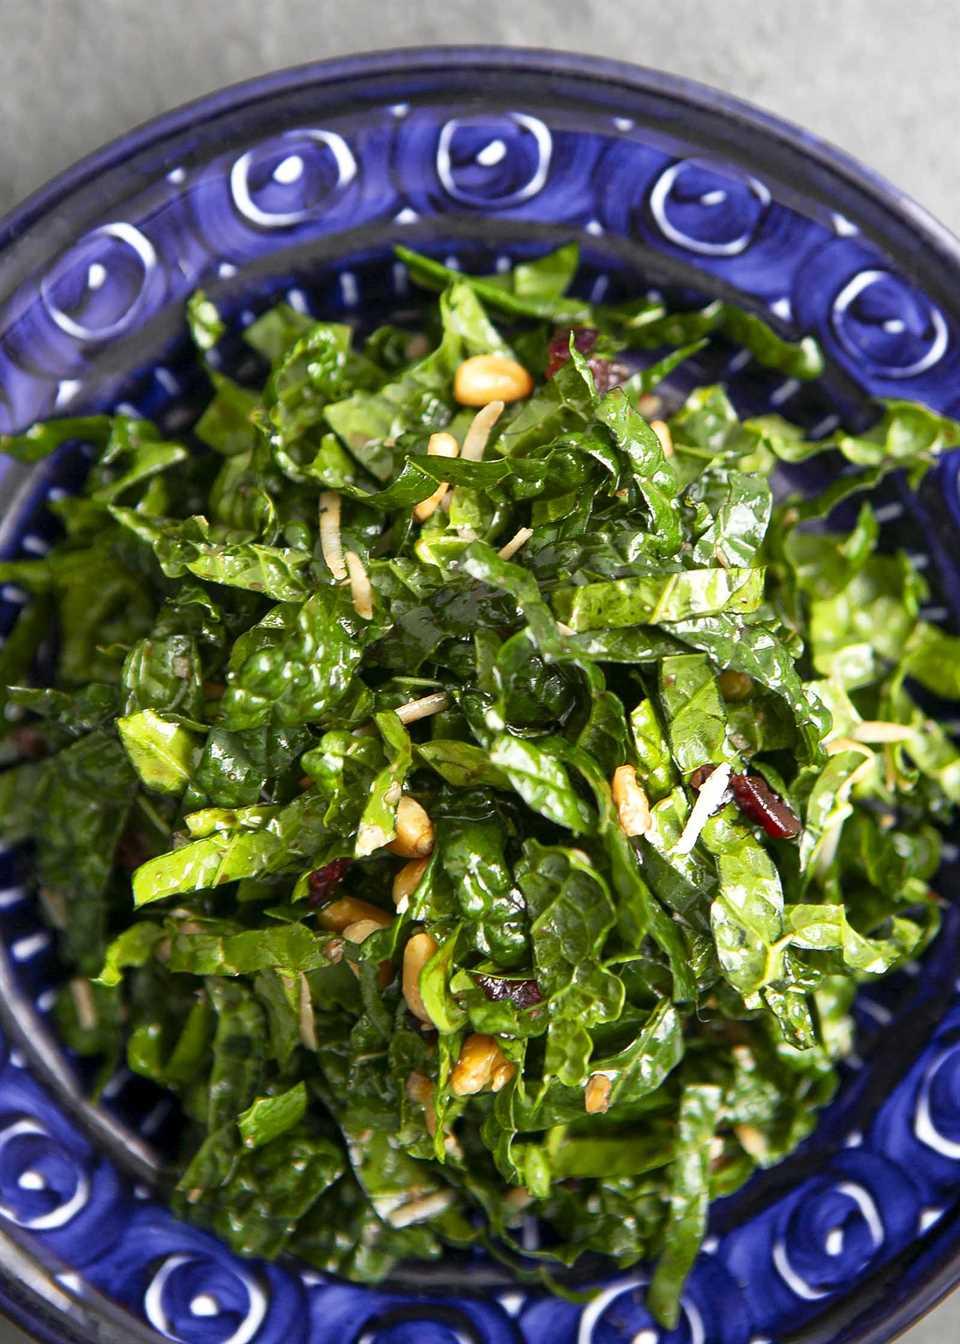 La mejor ensalada de col rizada servida en un tazón azul